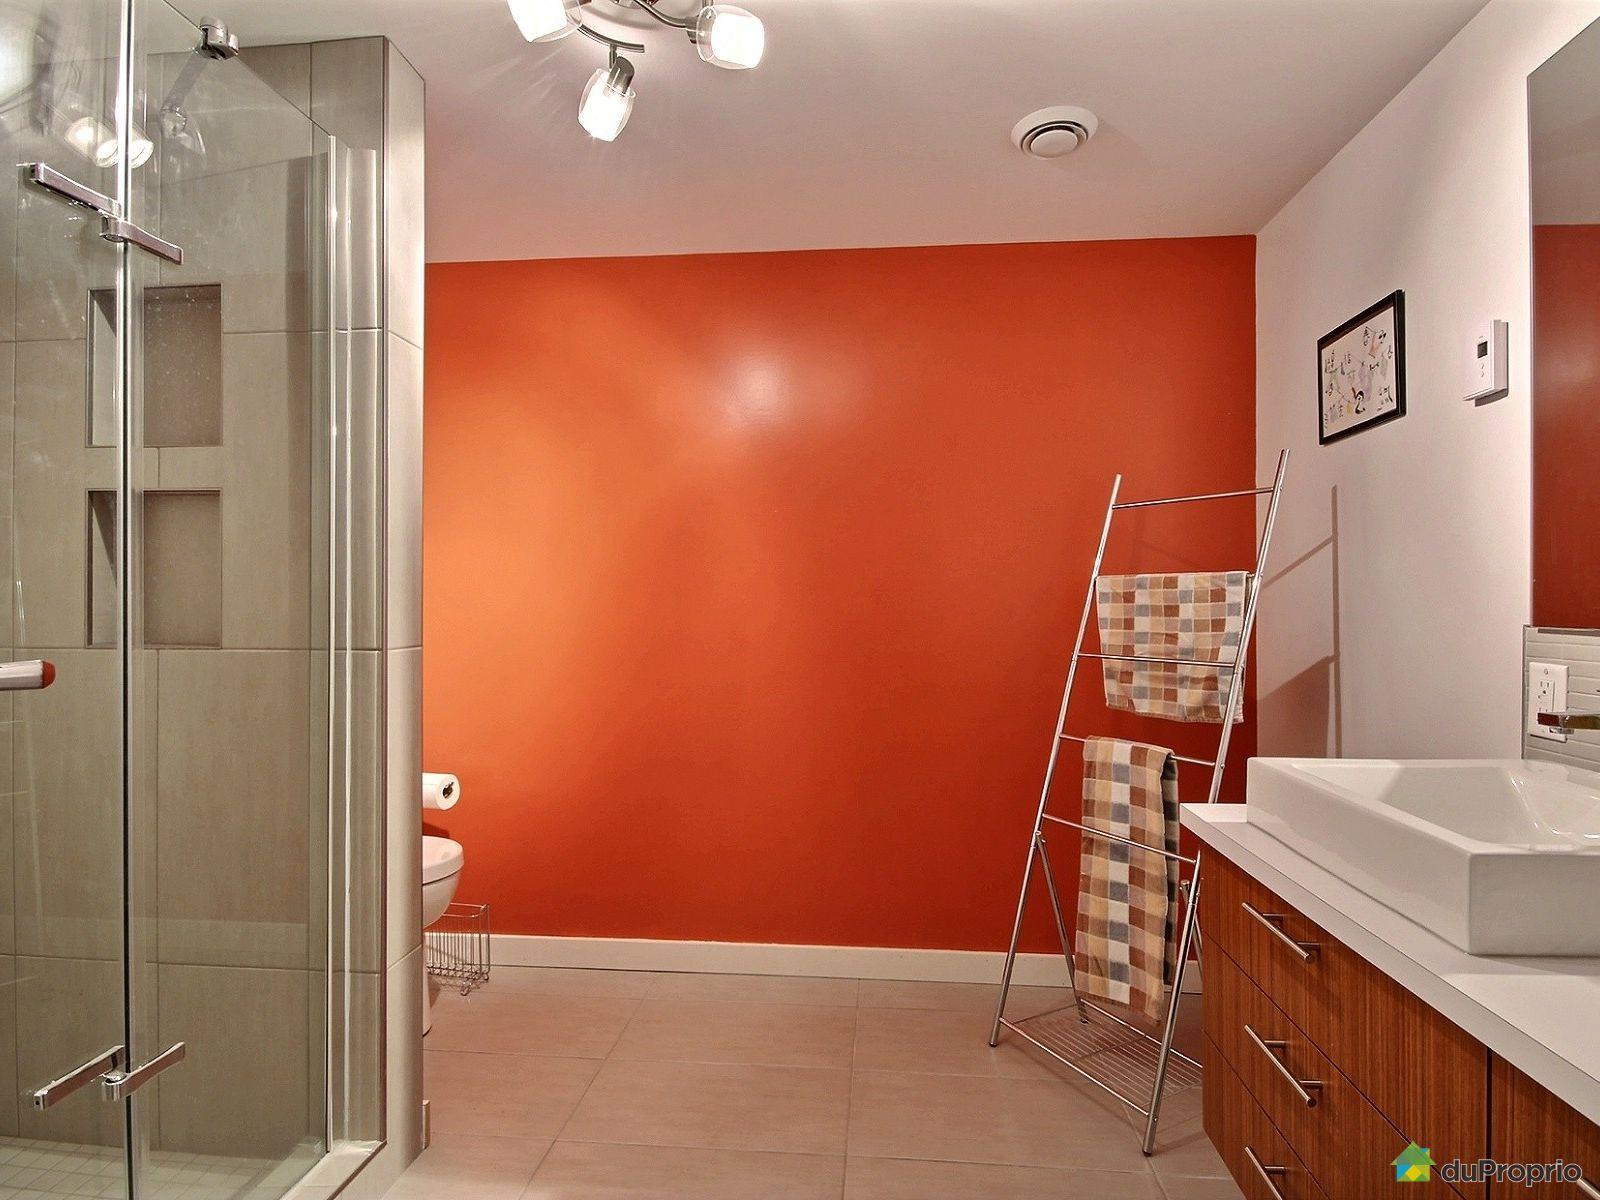 Maison vendre sillery a 2011 rue louis h lafontaine for Salle de bain commune a deux chambres